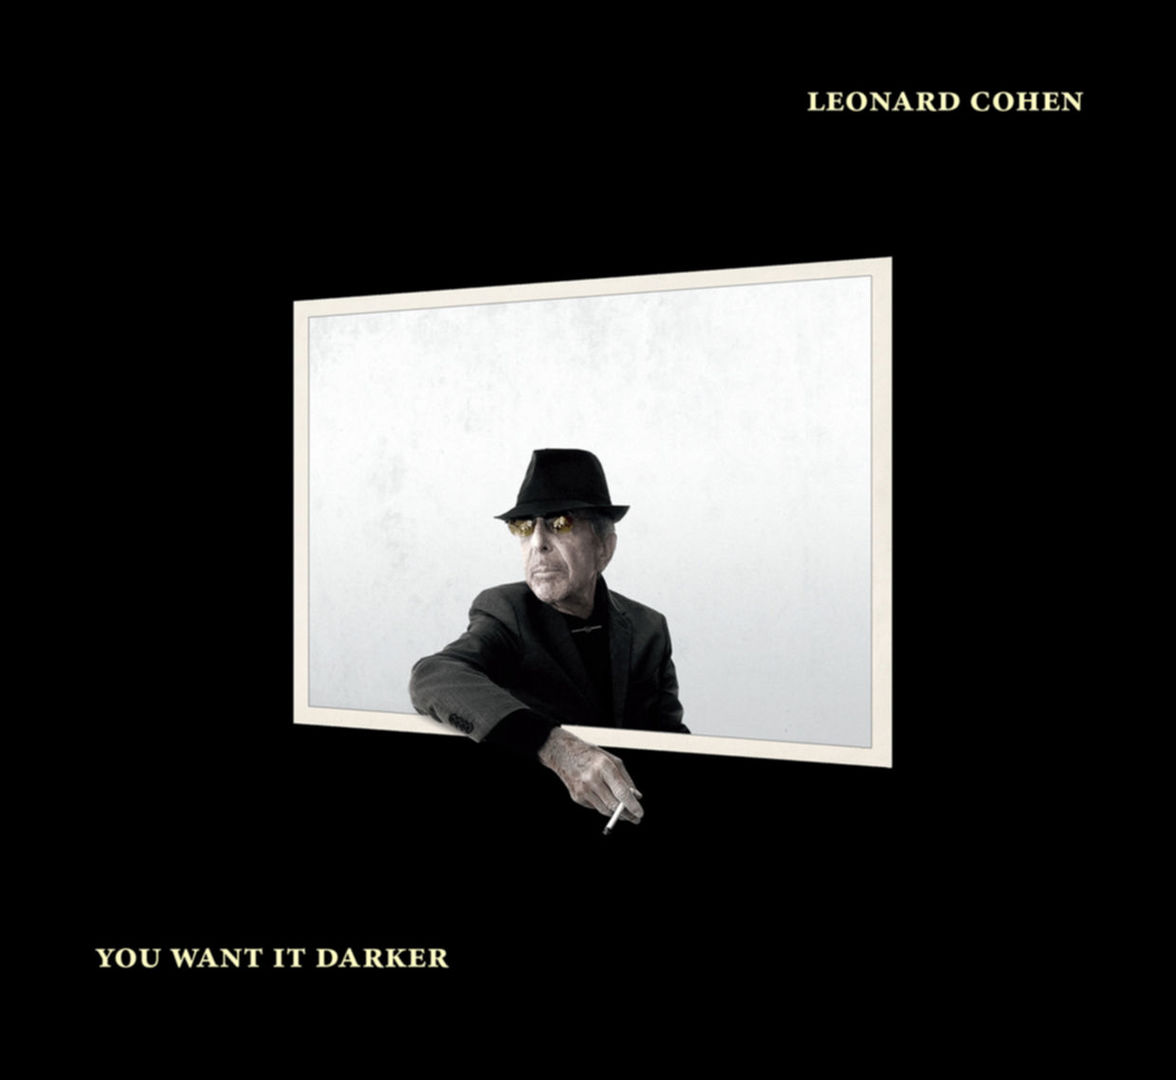 leonard_cohen-2016-you_want_it_darker